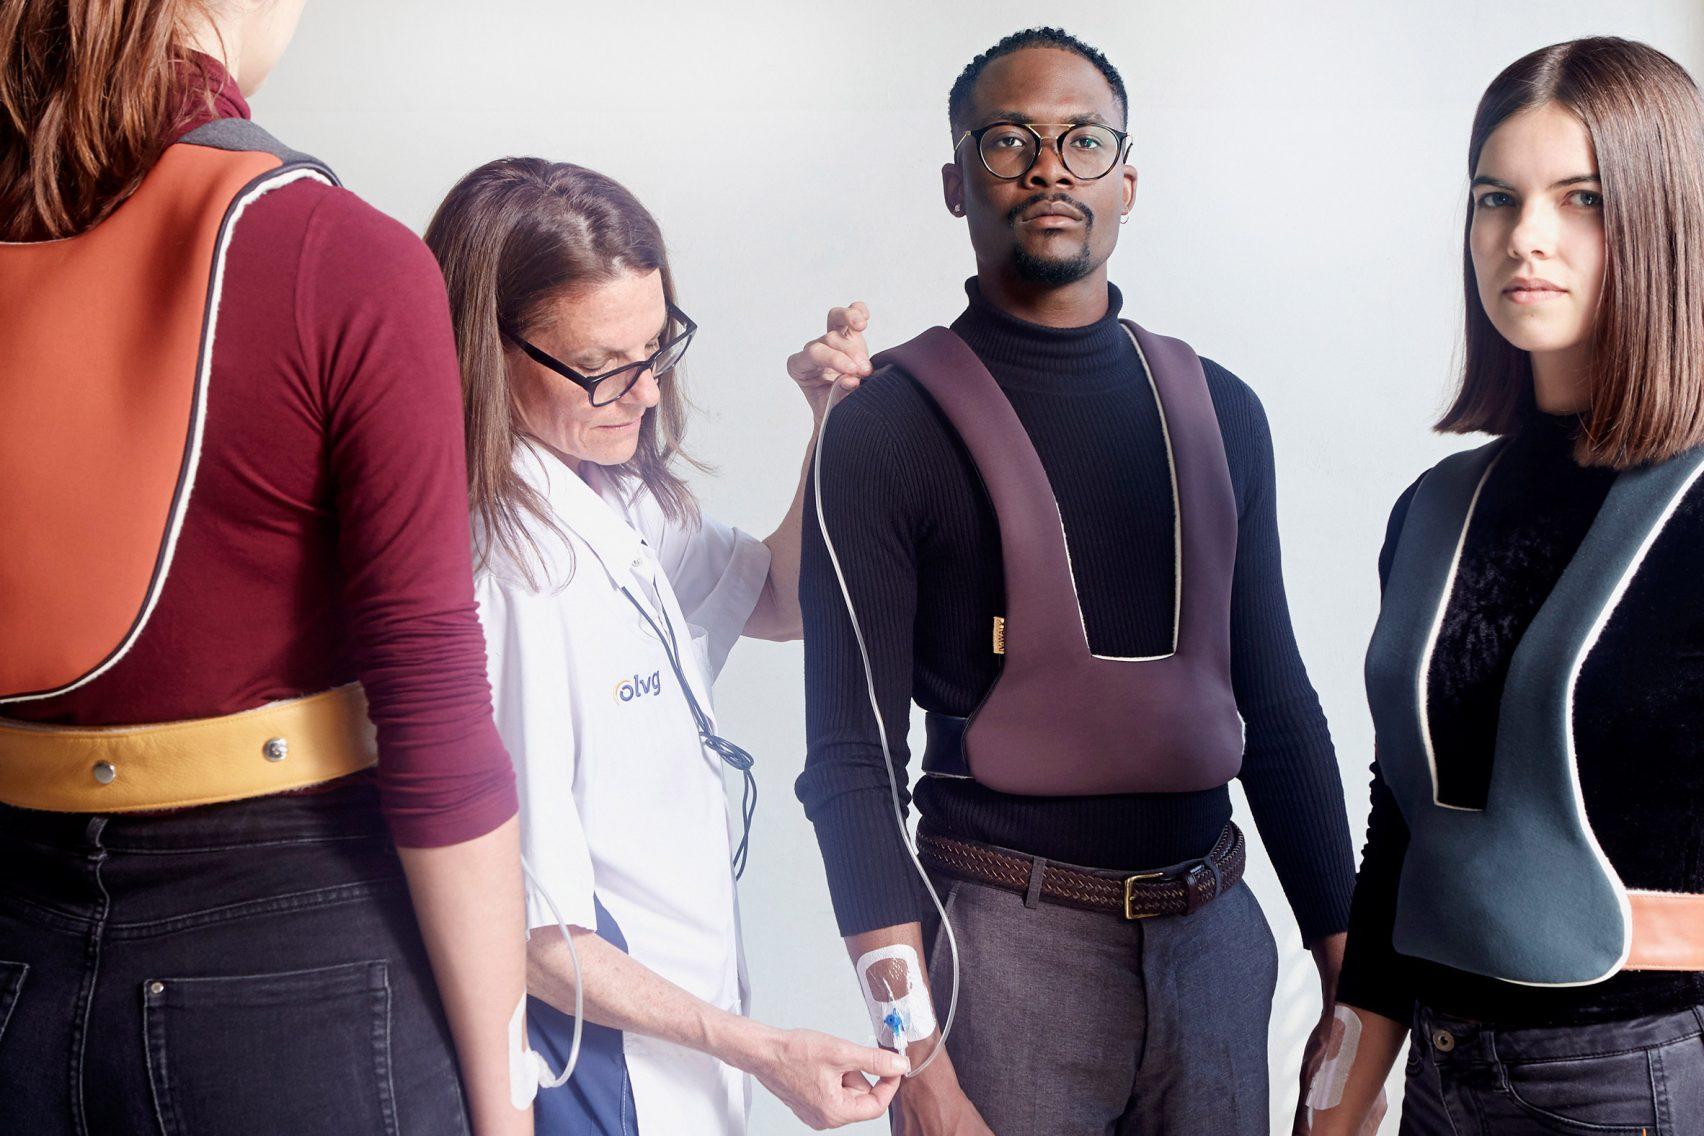 « HH. A Dutch Design Vision about Health and Happiness » expose des solutions pratiques pour les patients, comme le « IV Walk » de Aliss Rees. Photo : venturaprojects.com